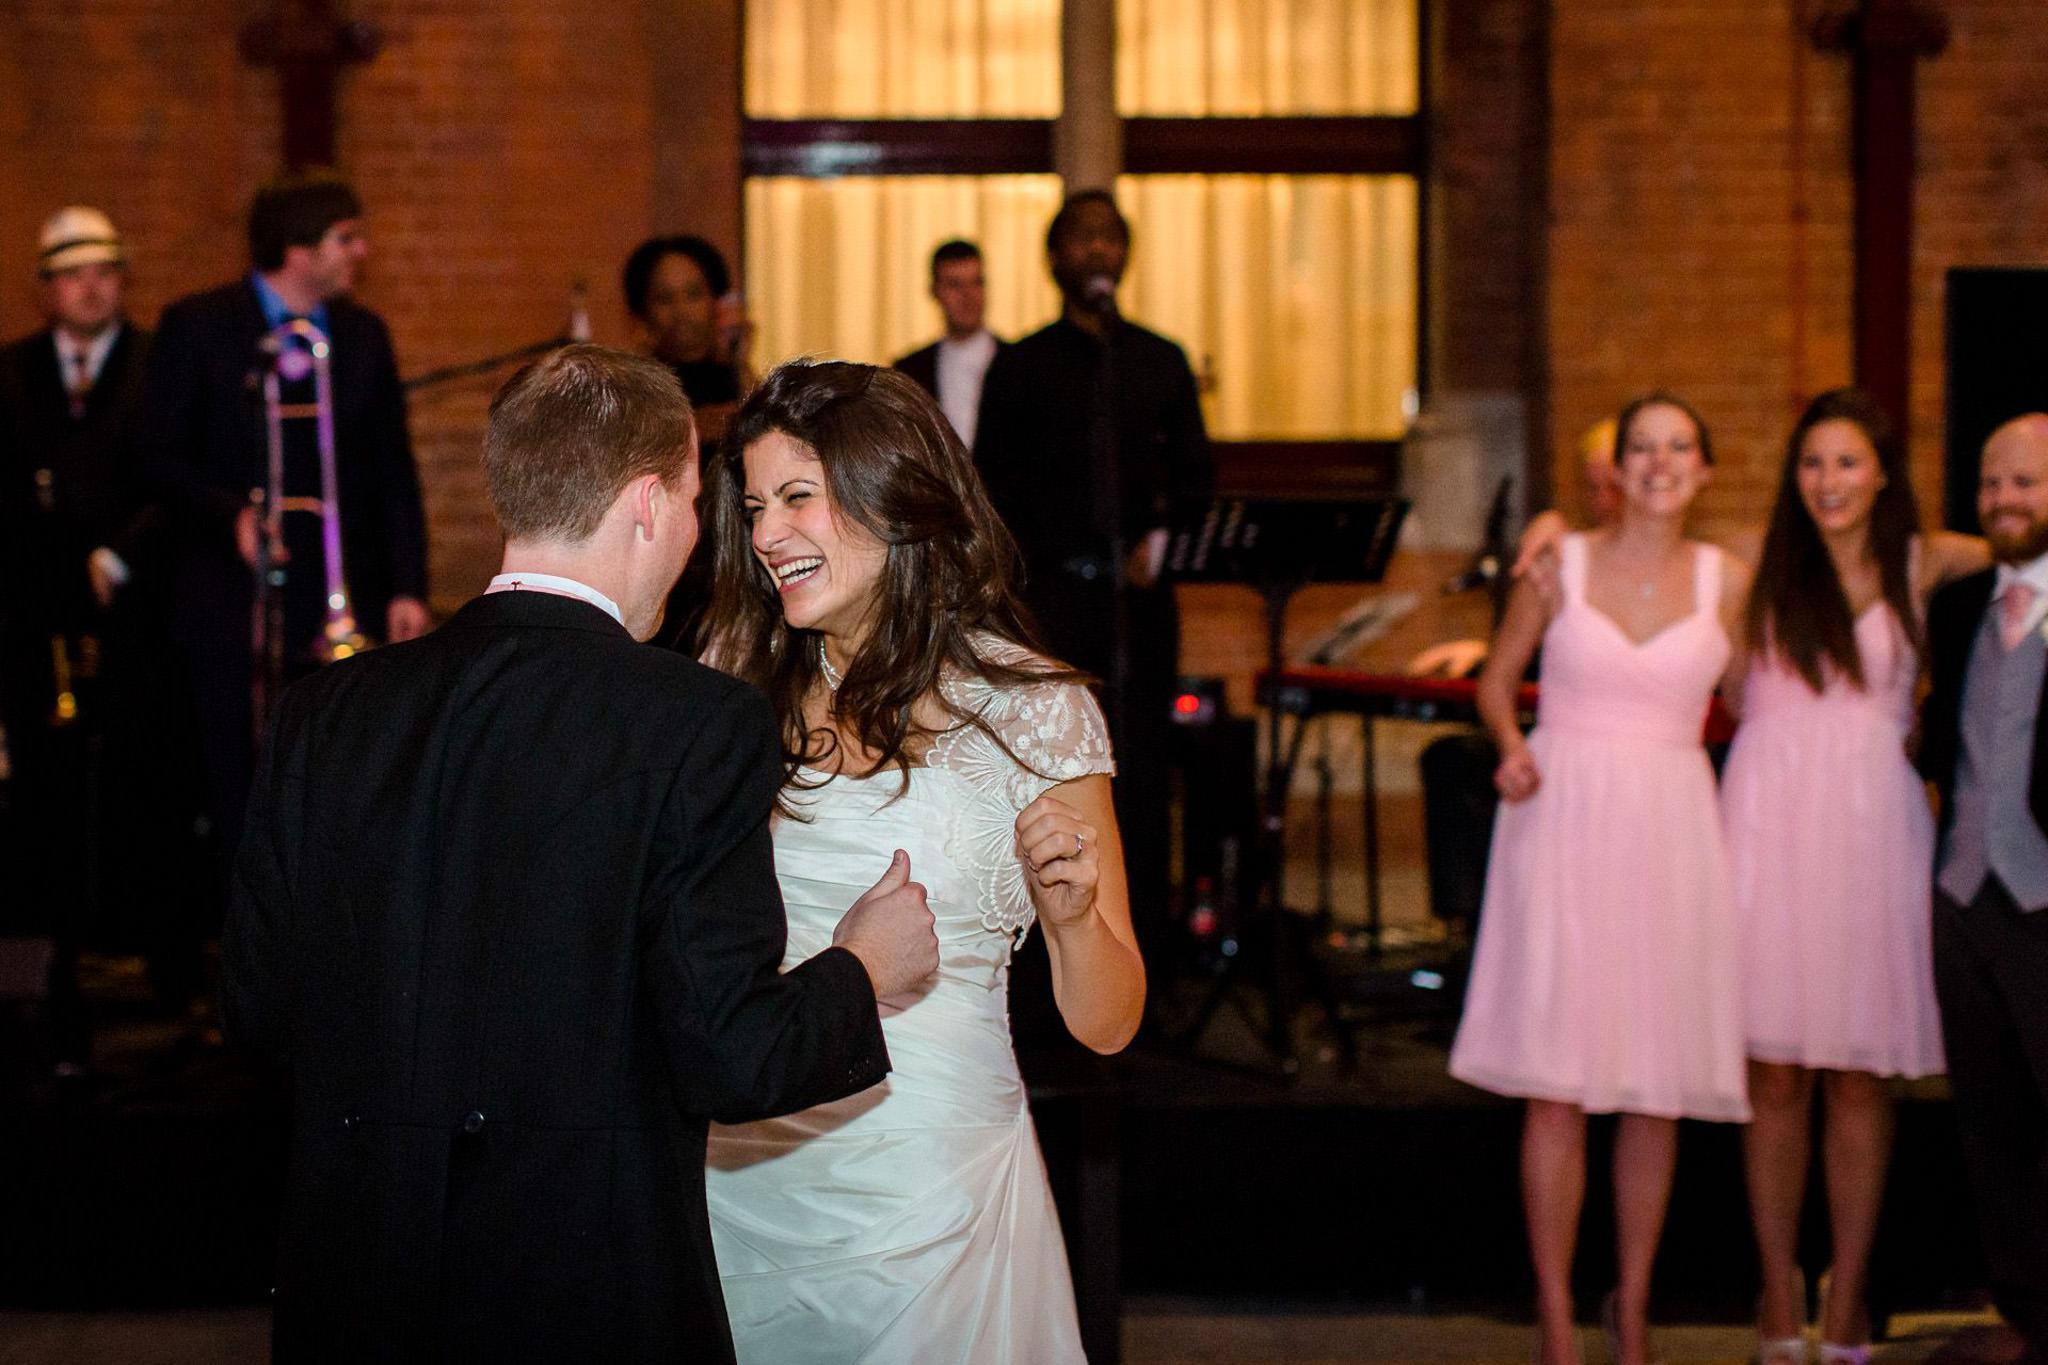 St. Pancras hotel wedding first dance